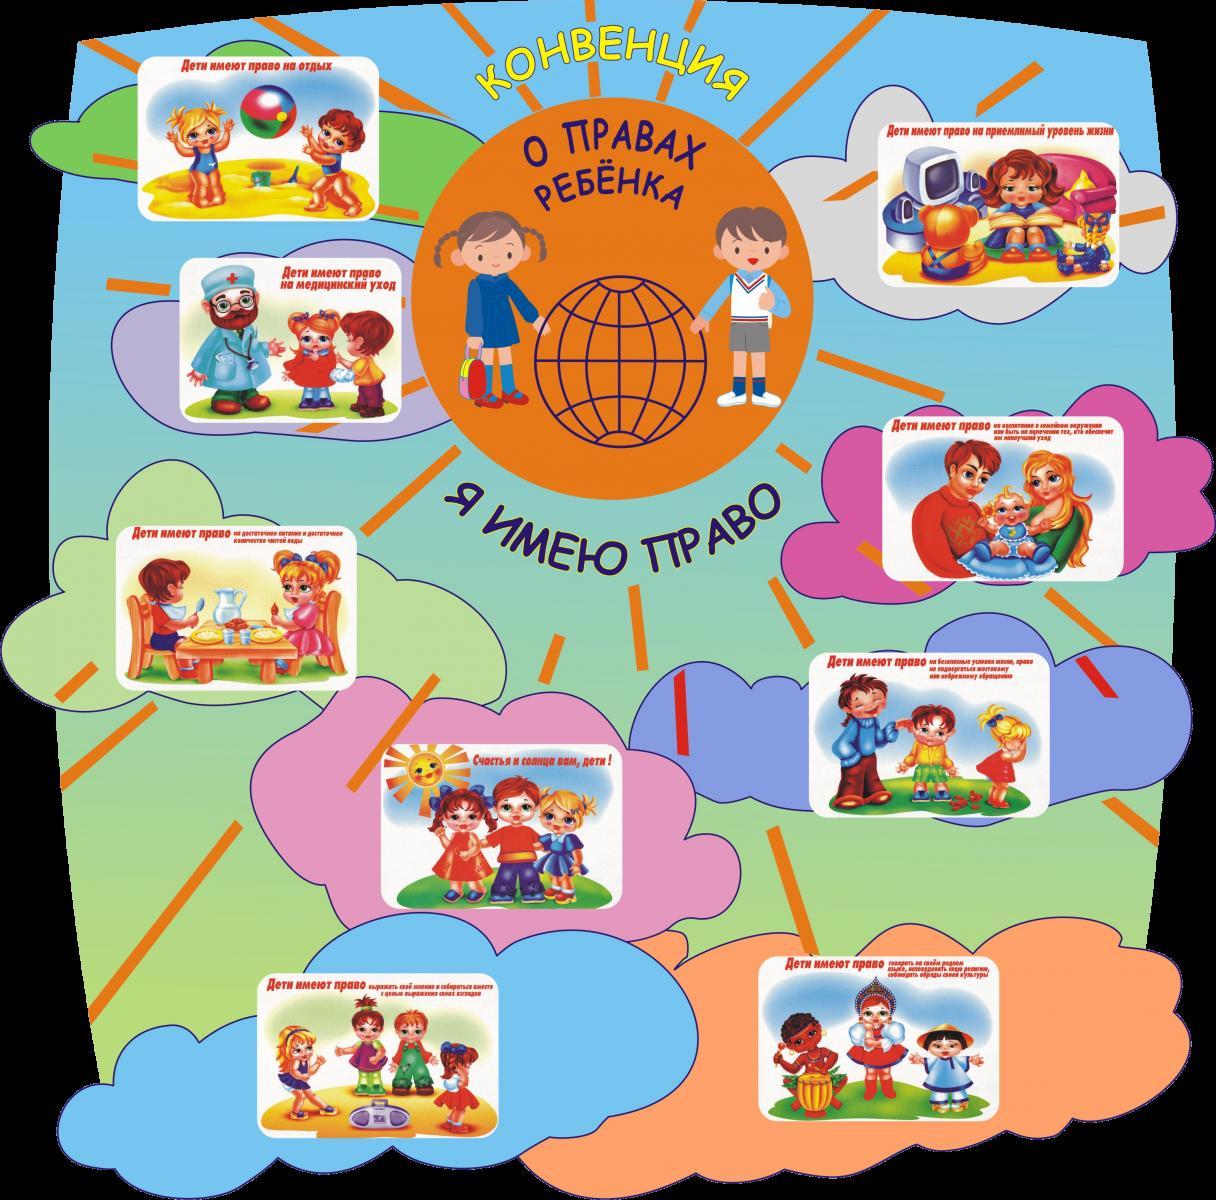 картинки на стенд по правовому воспитанию голубая полоса символизирует